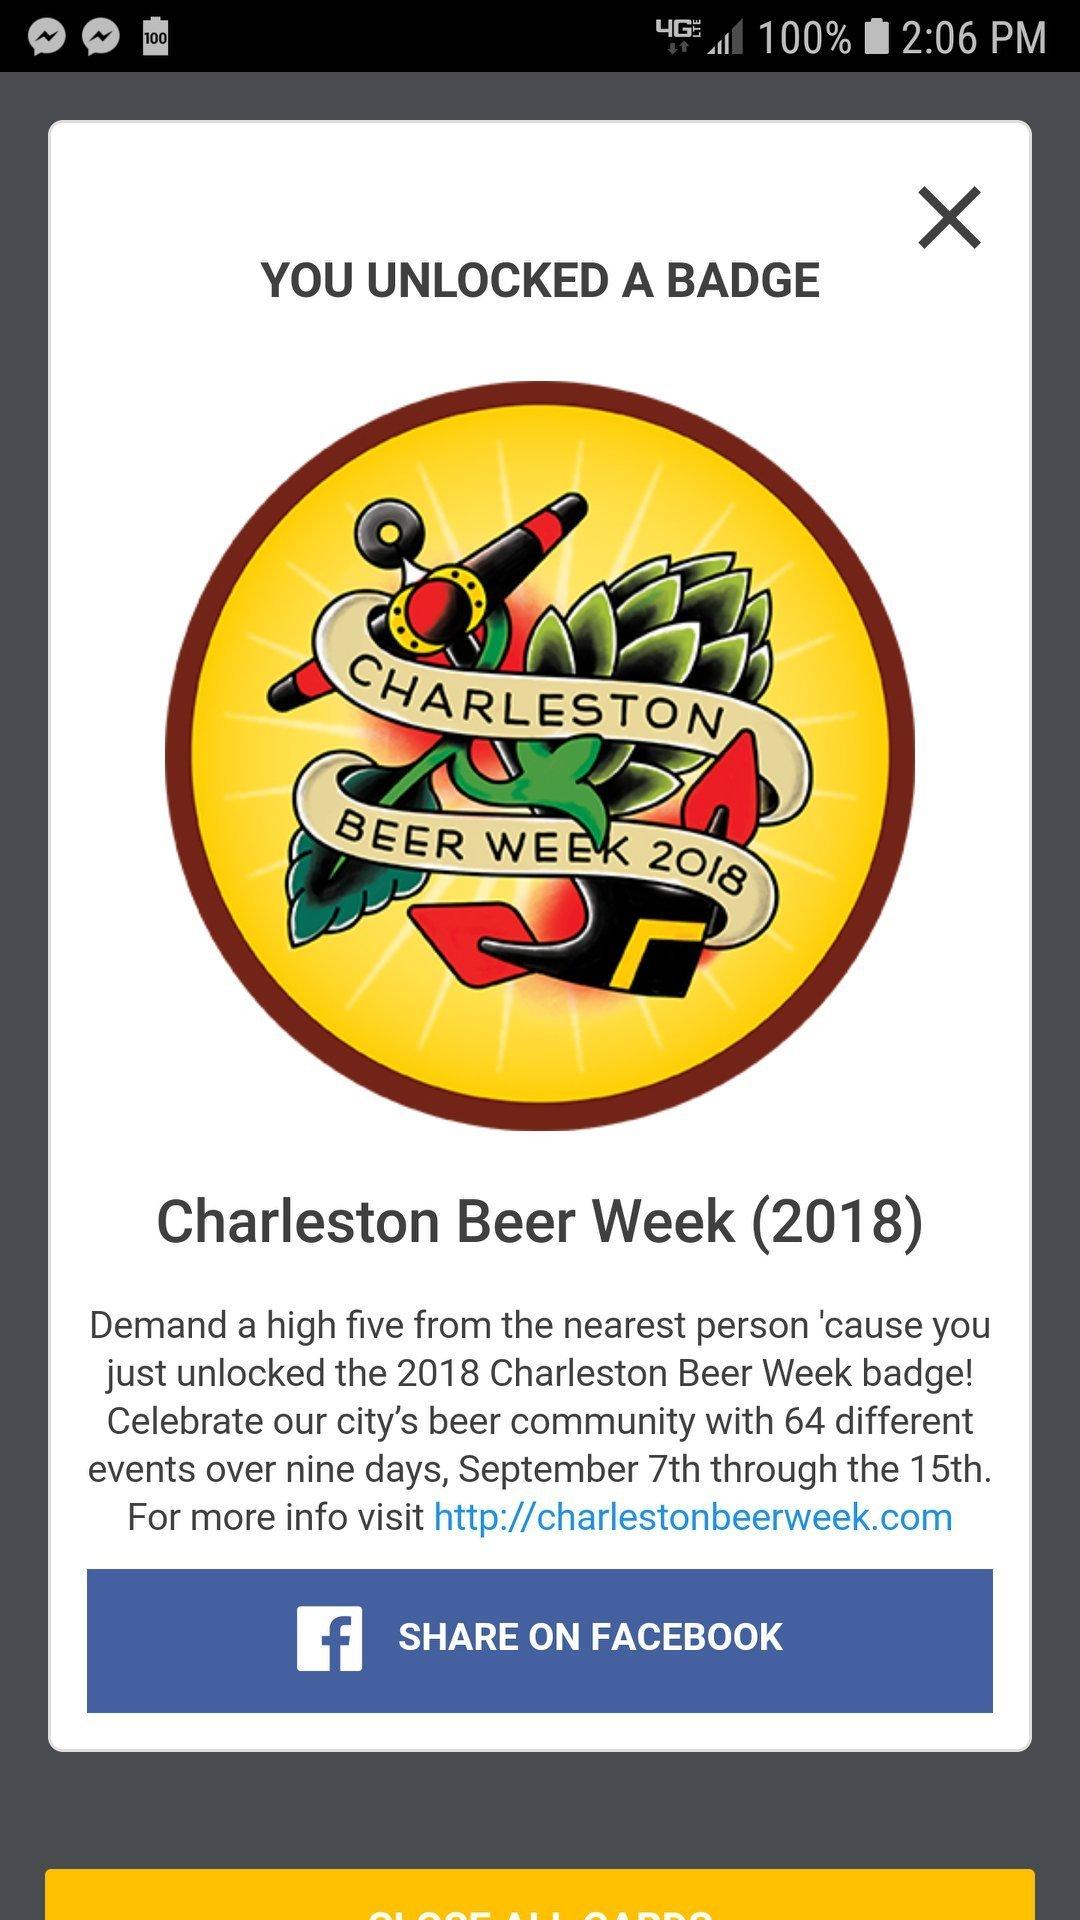 Untapped Badge for Charleston Beer Week 2018